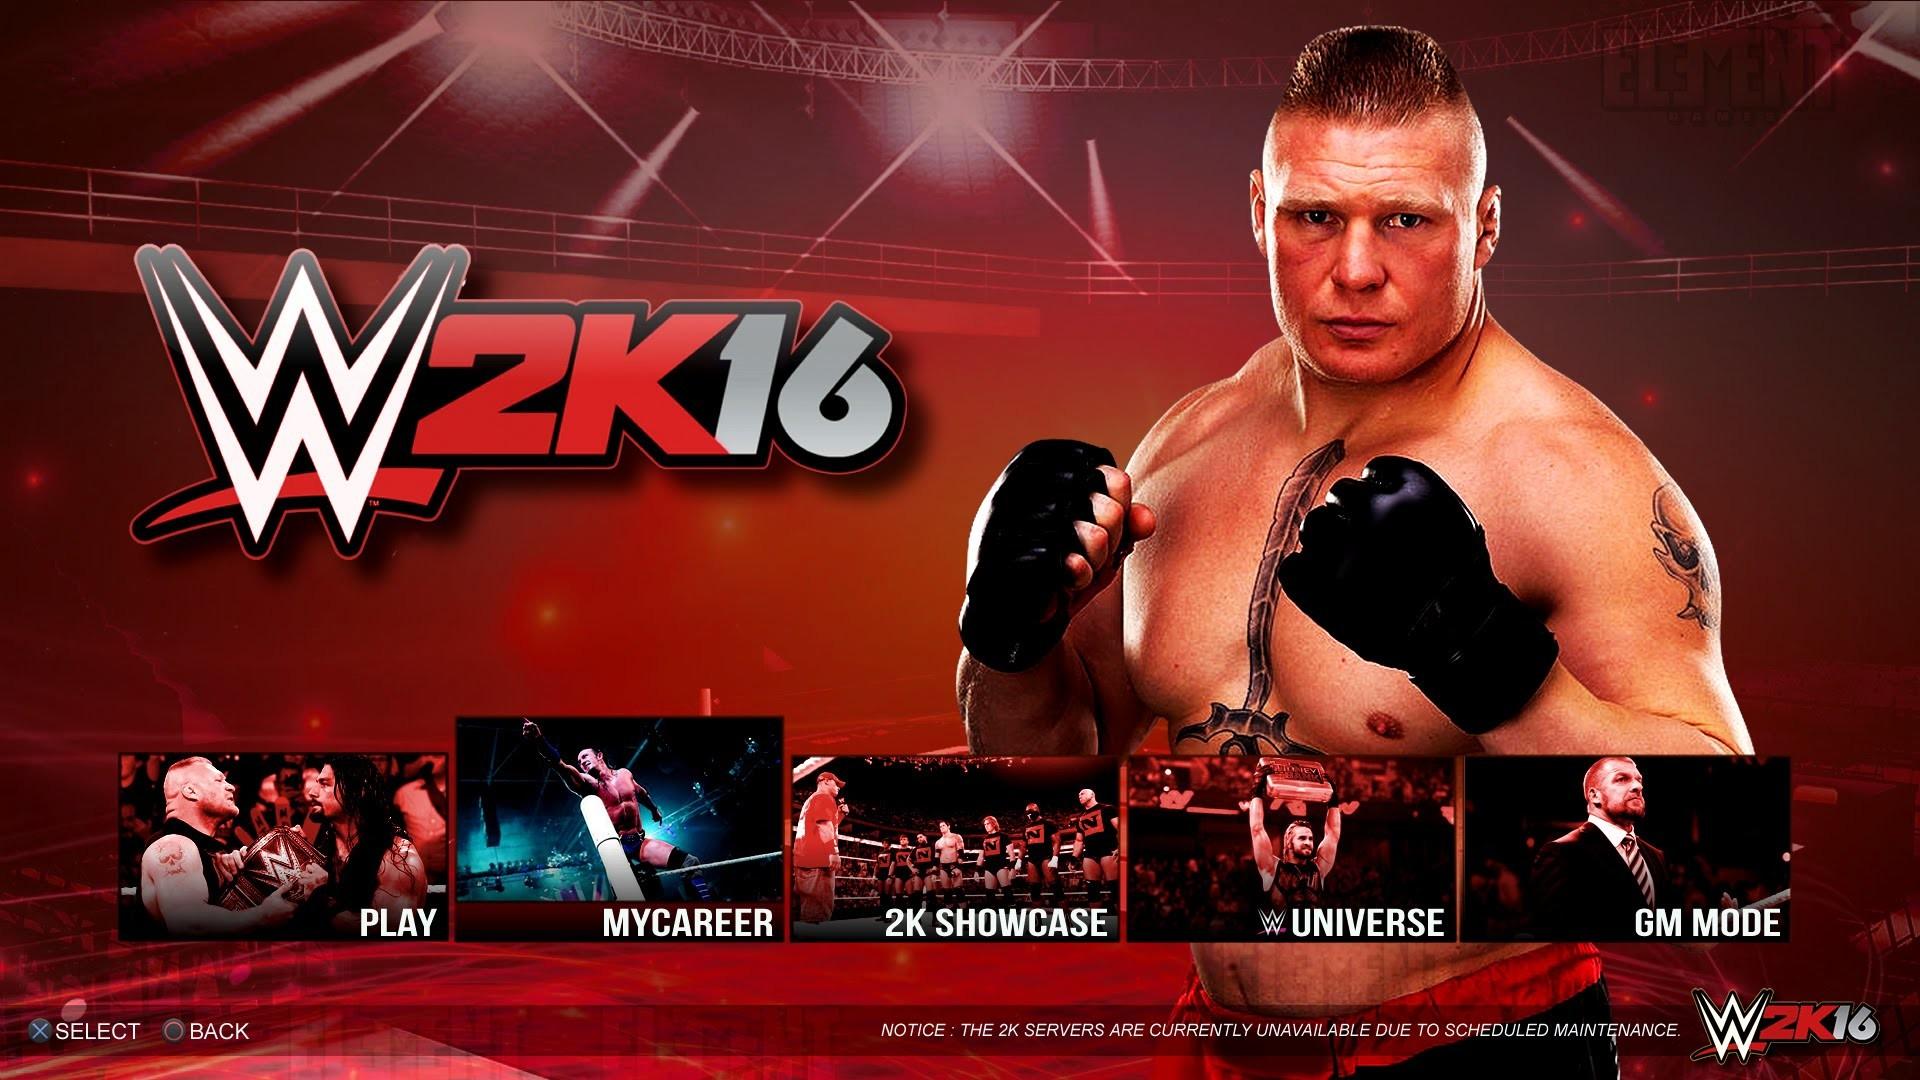 WWE-2K16-Wallpaper-Desktop-Background